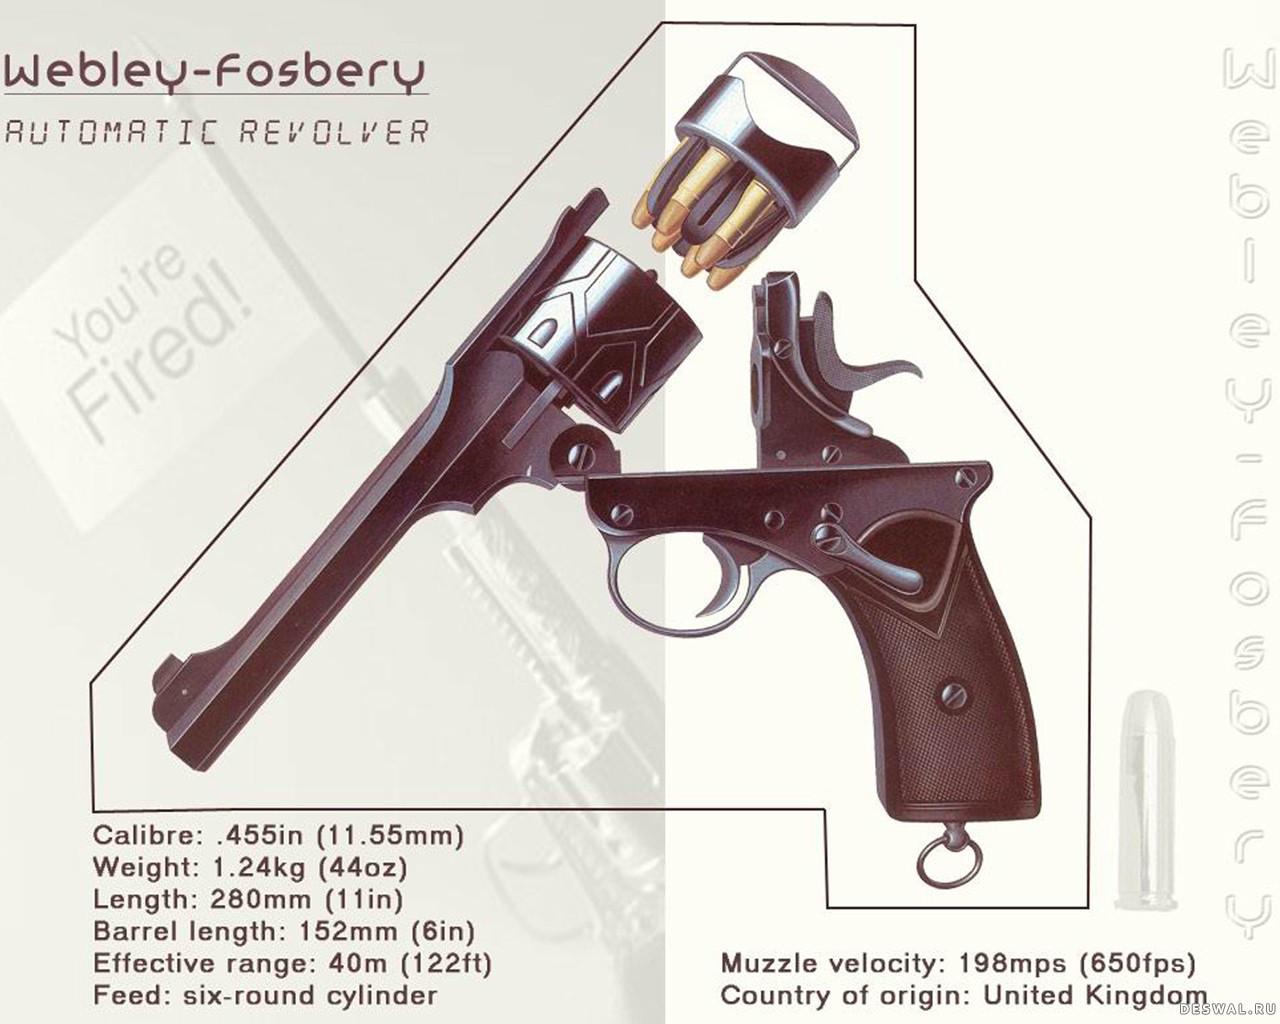 Фото 7. Нажмите на картинку с обоями оружия, чтобы просмотреть ее в реальном размере